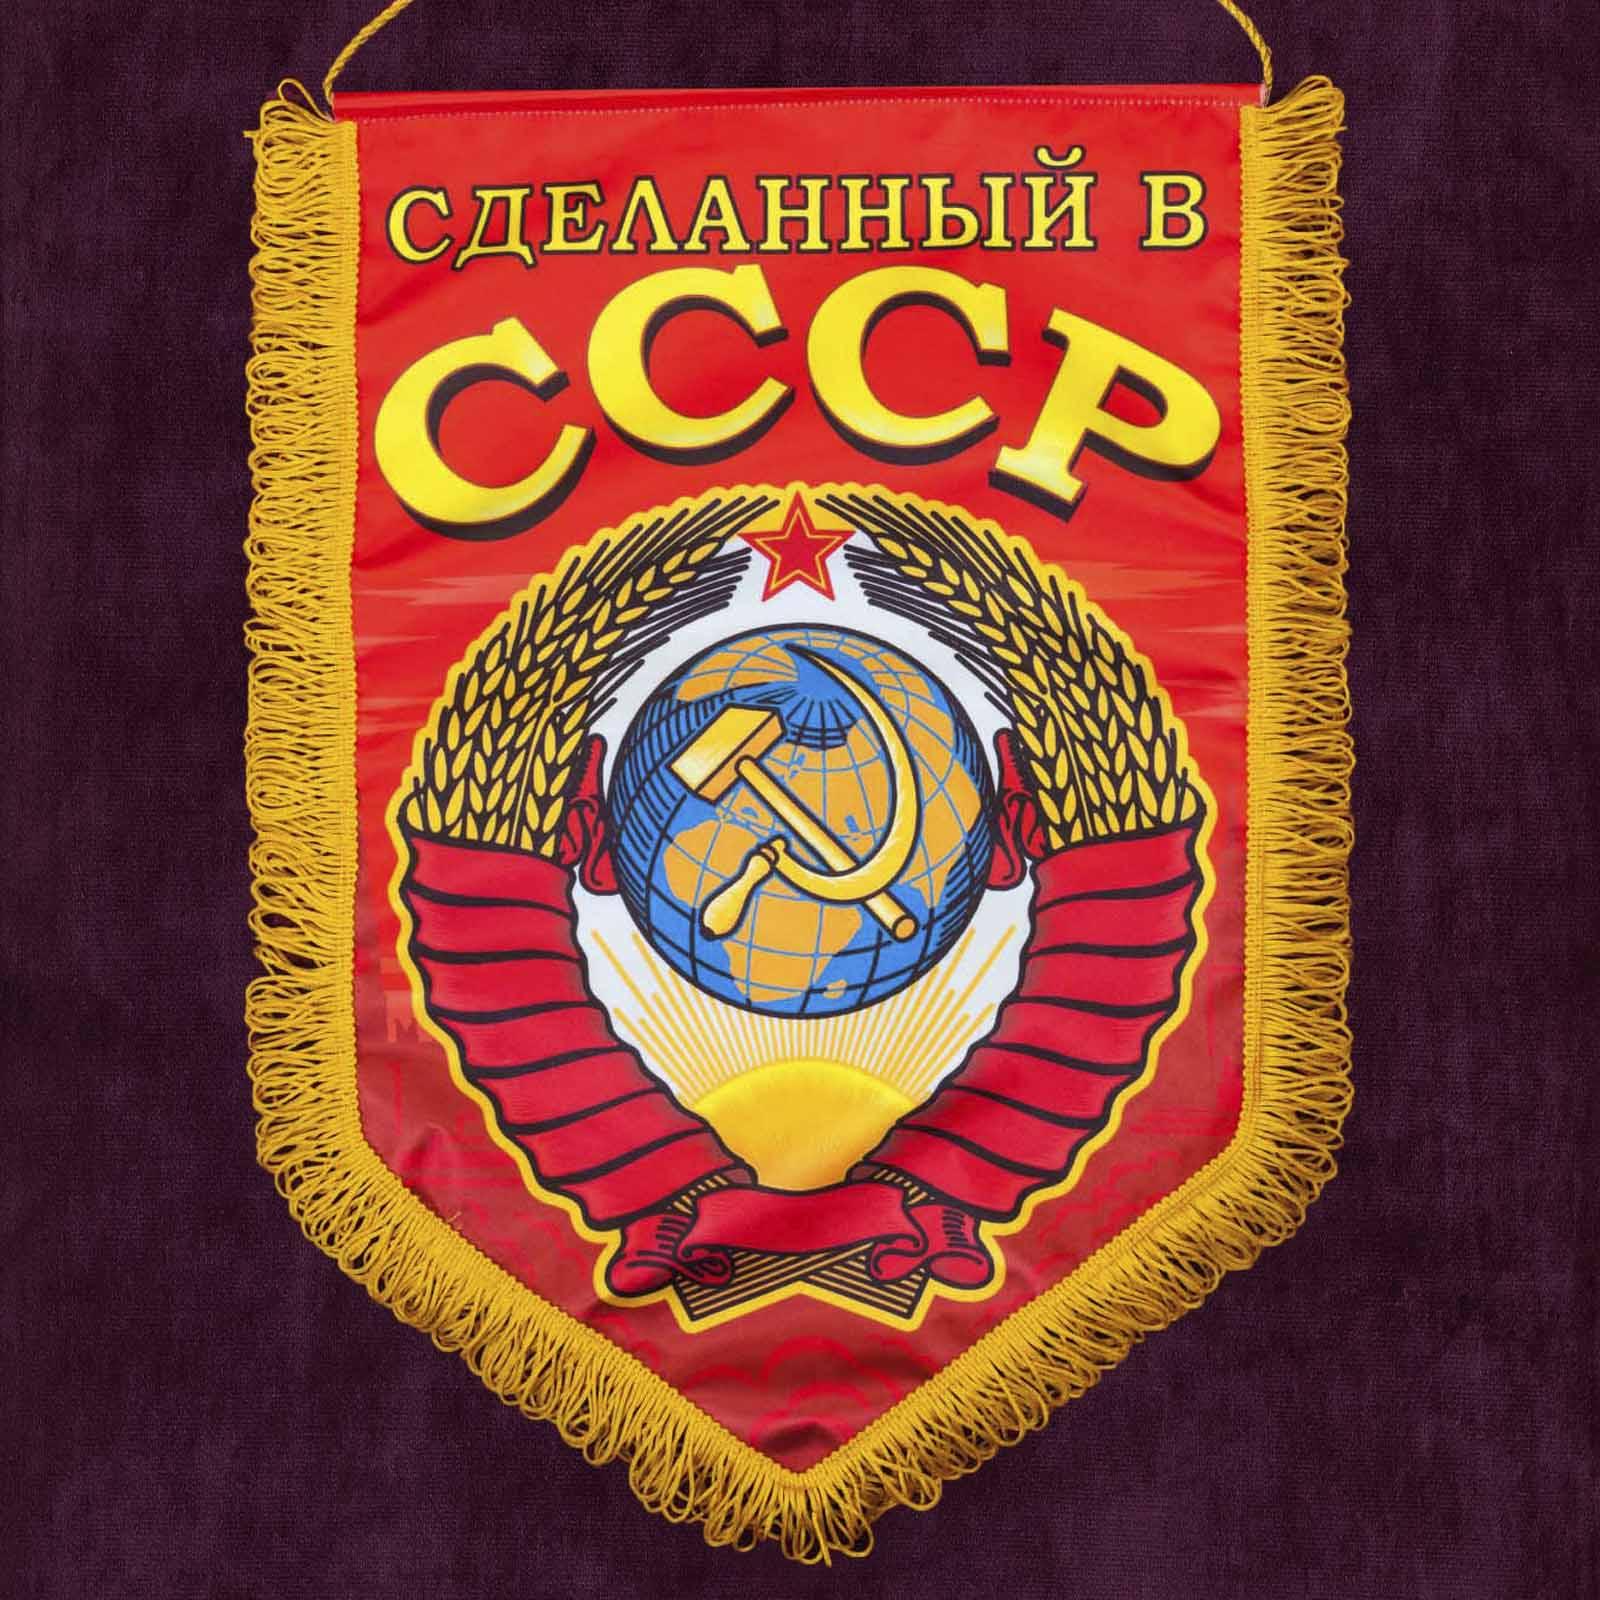 Вымпел с советской символикой купить в подарок